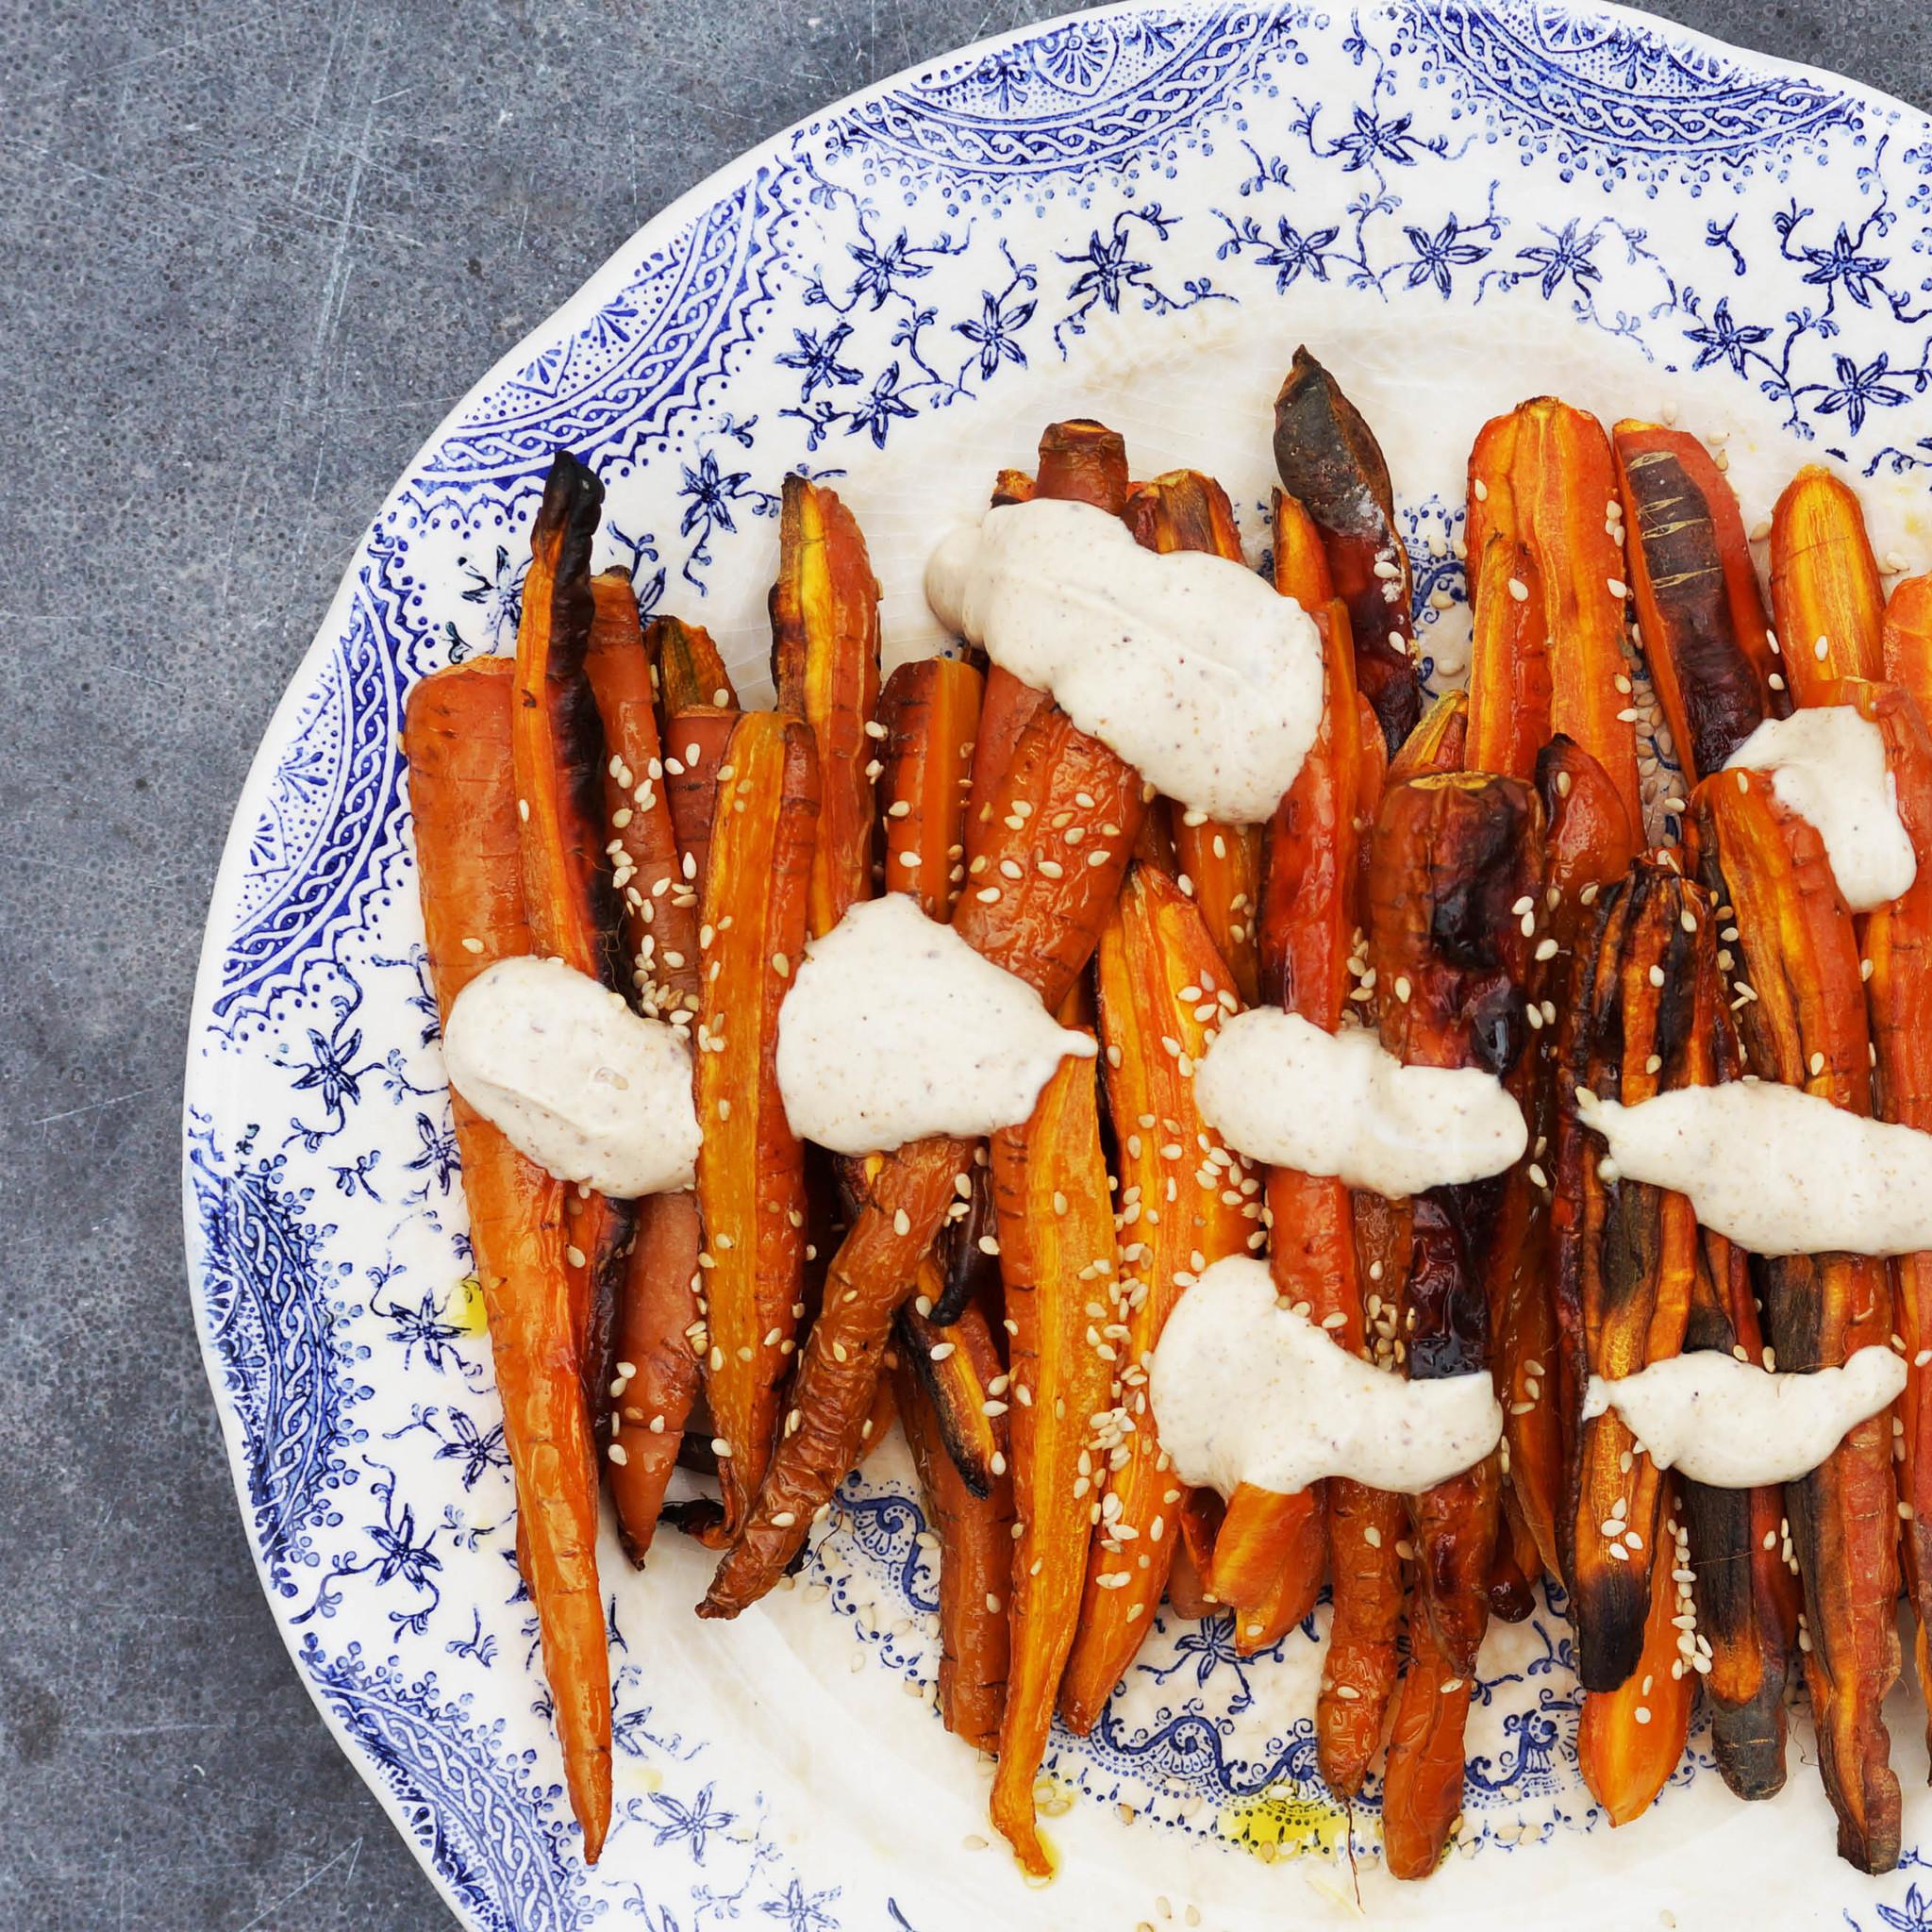 Geroosterde wortels met Tahinsaus op bord